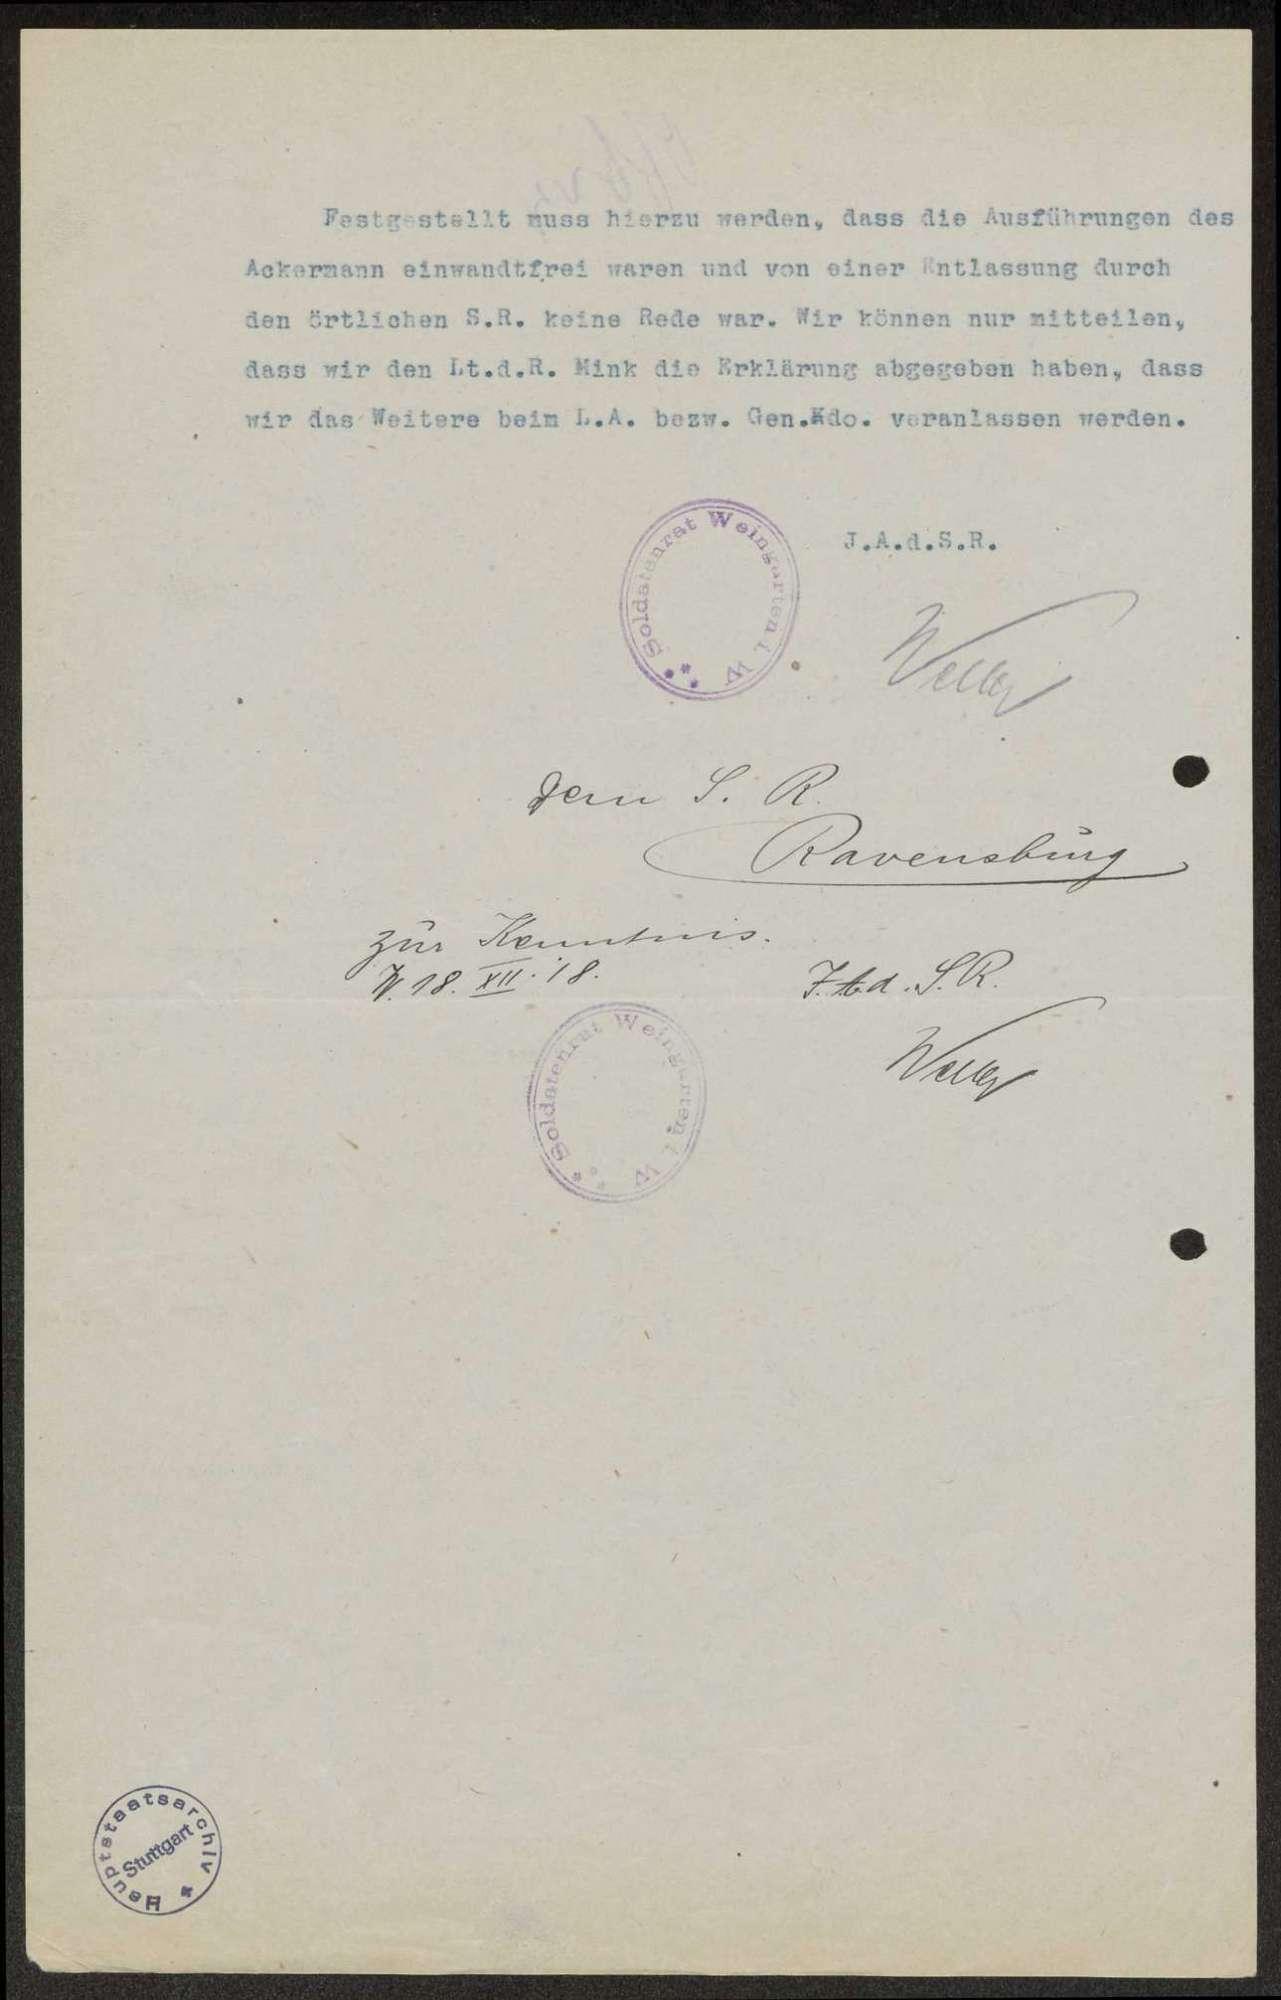 Allgemeine Forderungen des Arbeiter- und Soldatenrats, Kompetenzen der Garnisonräte, Bild 3